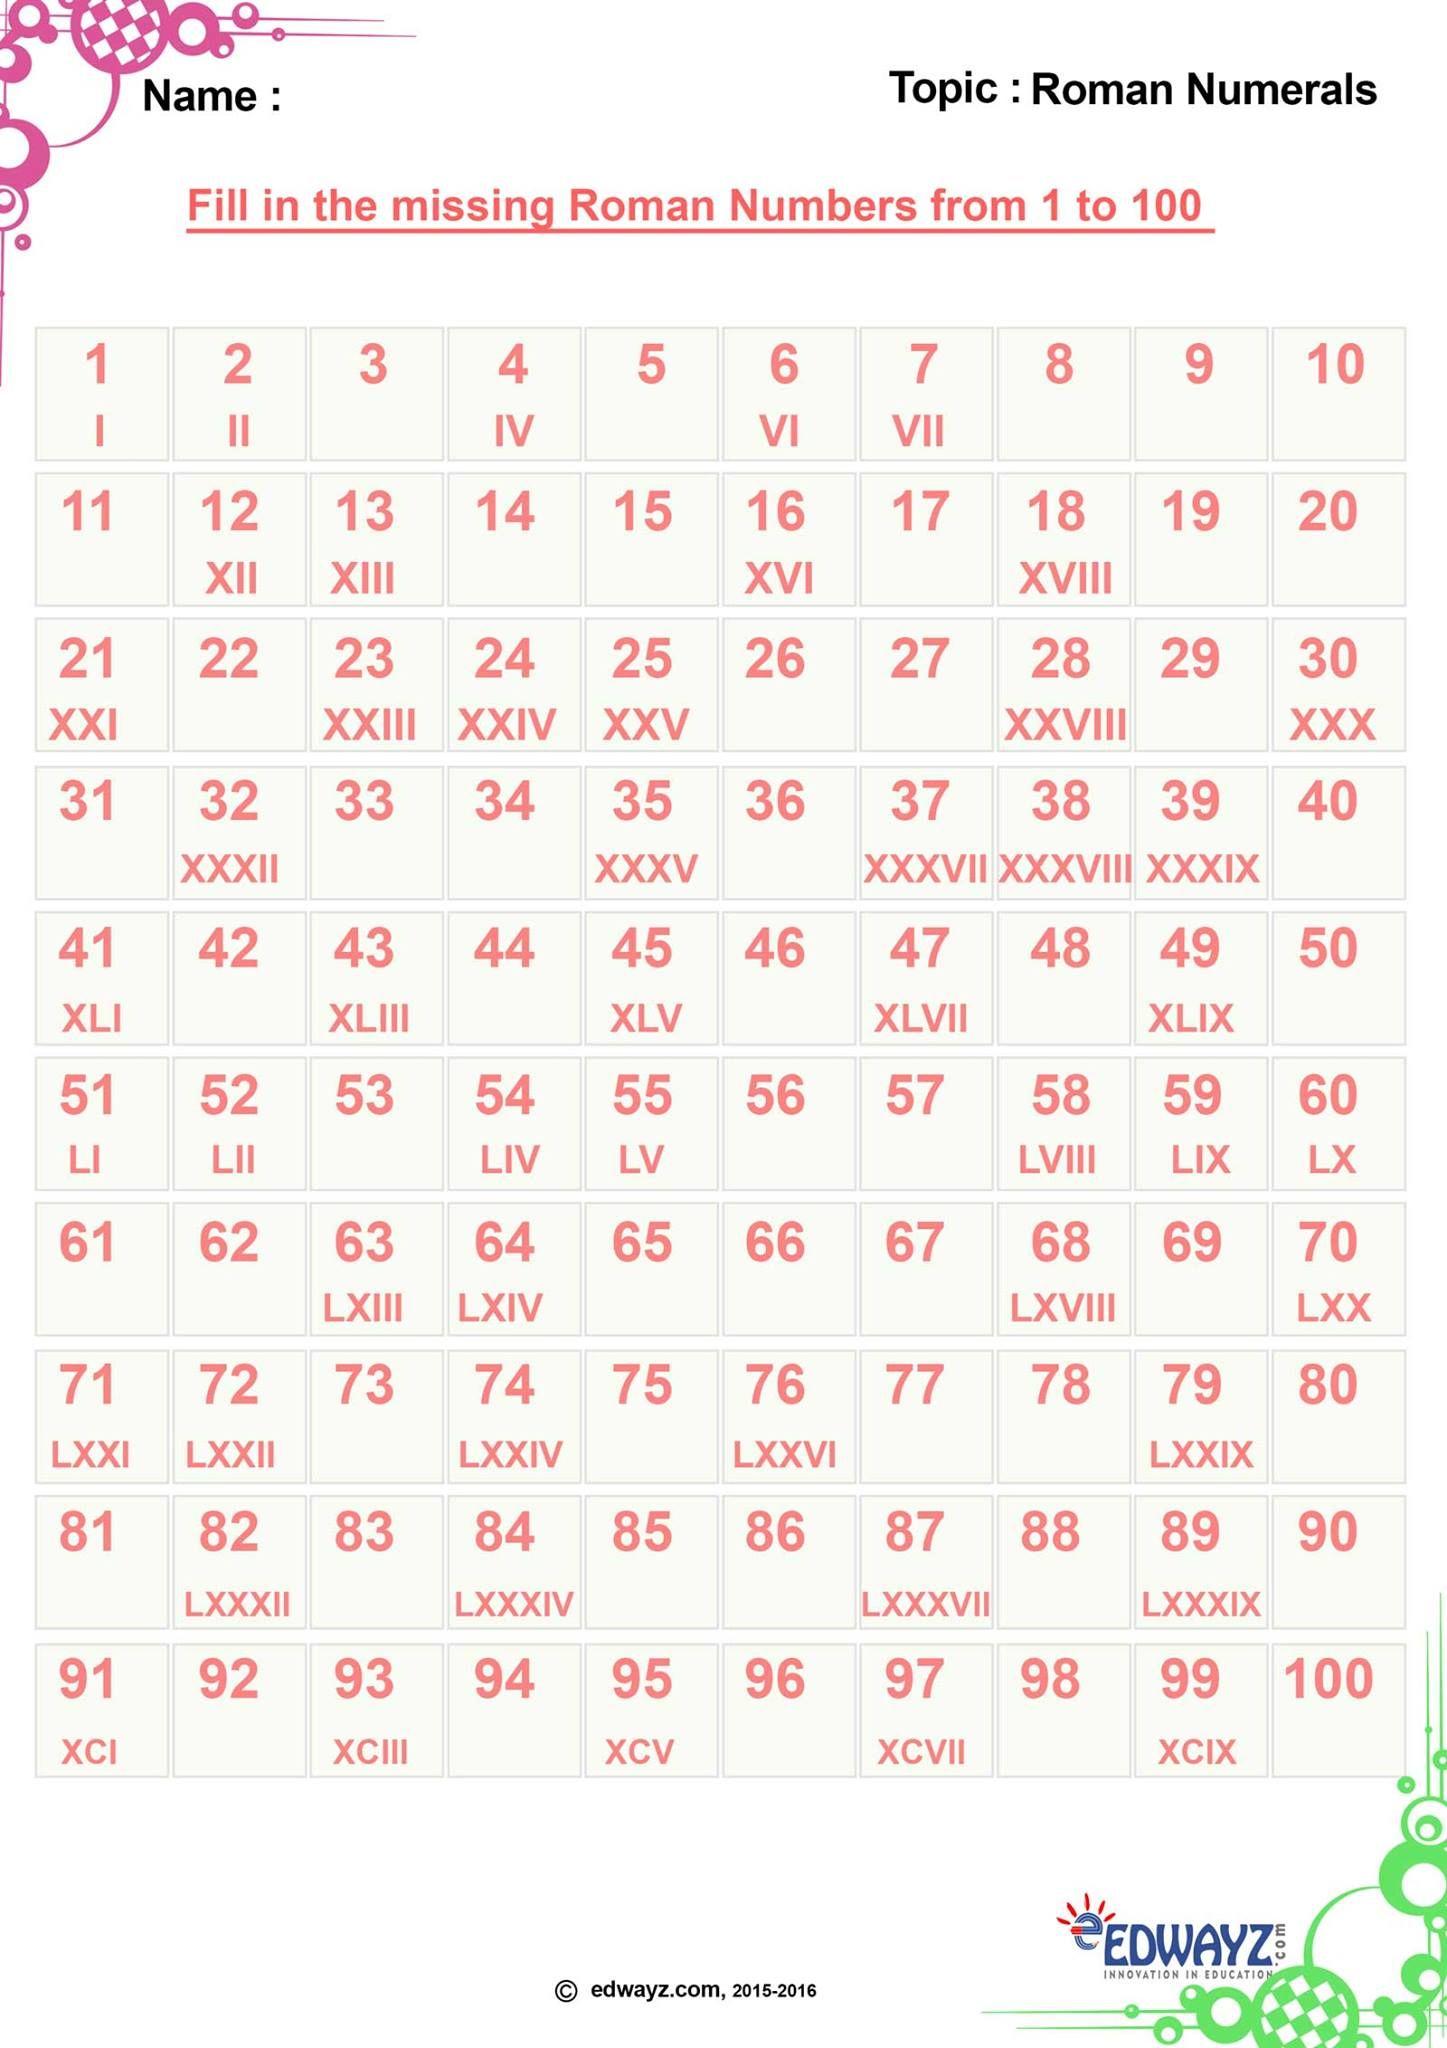 Edwayz Class 4 Worksheets Class 4 Maths Math